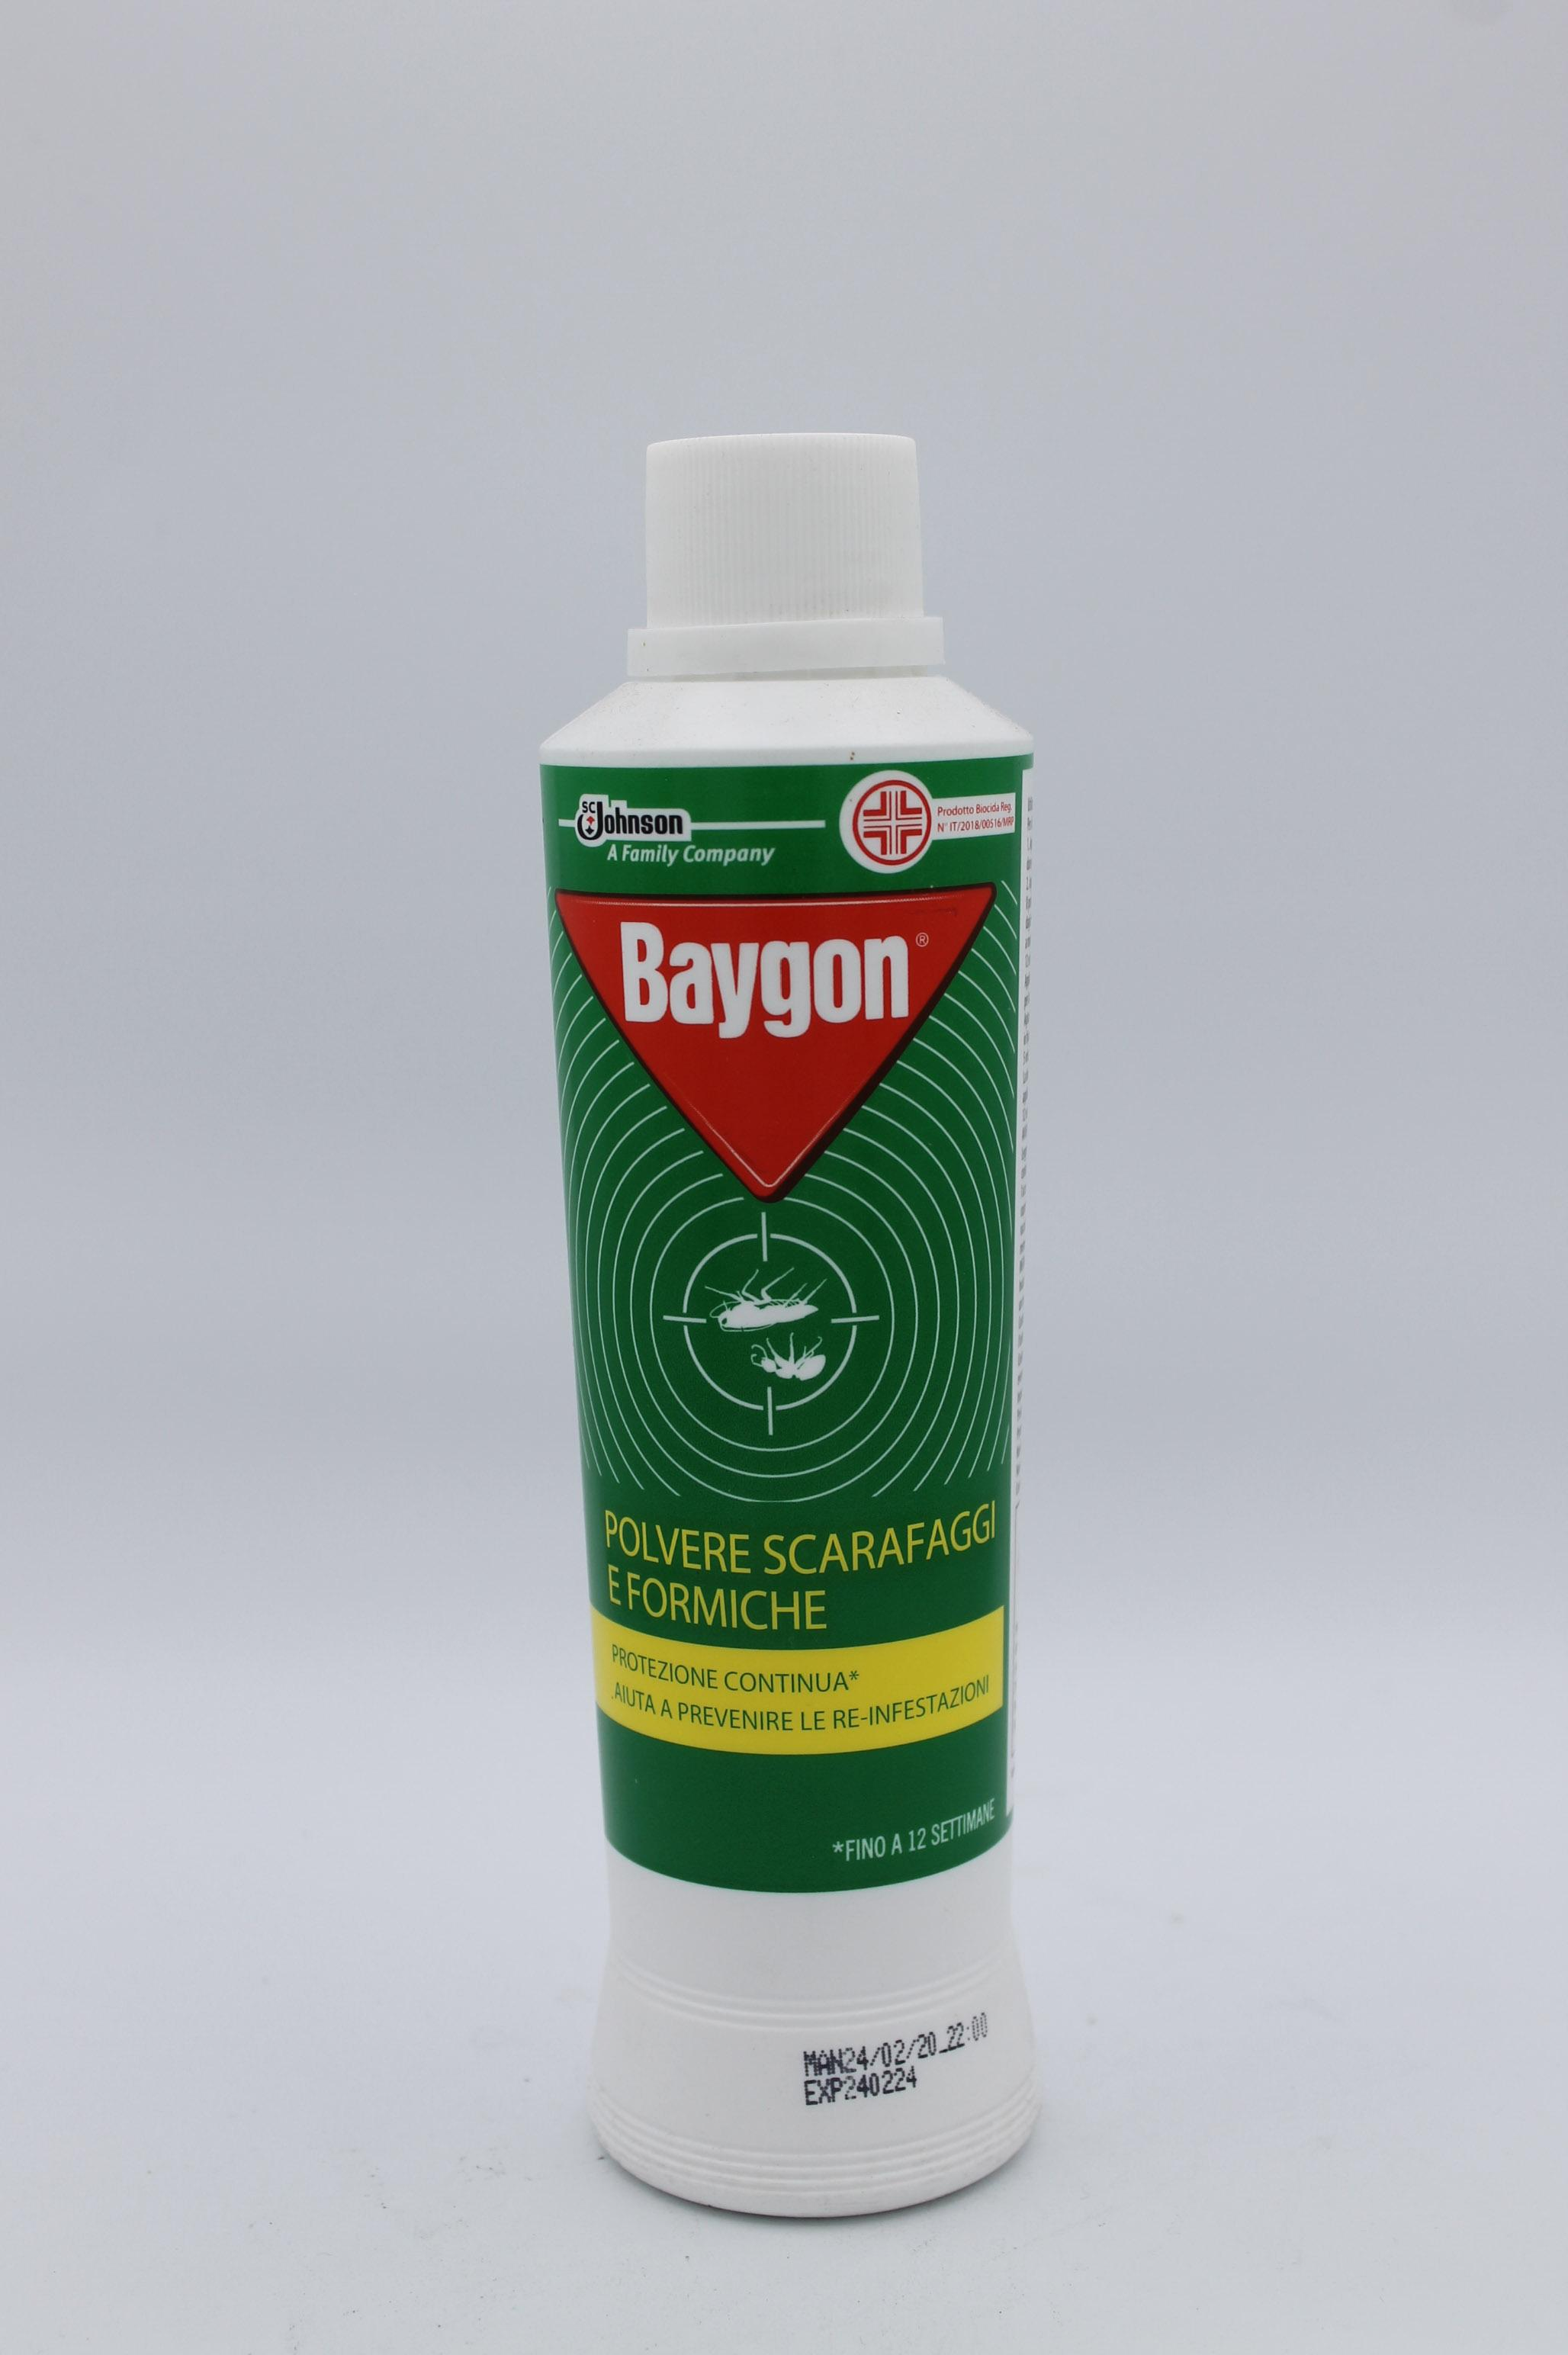 Baygon insetticida polvere scarafaggi e formiche 250gr.